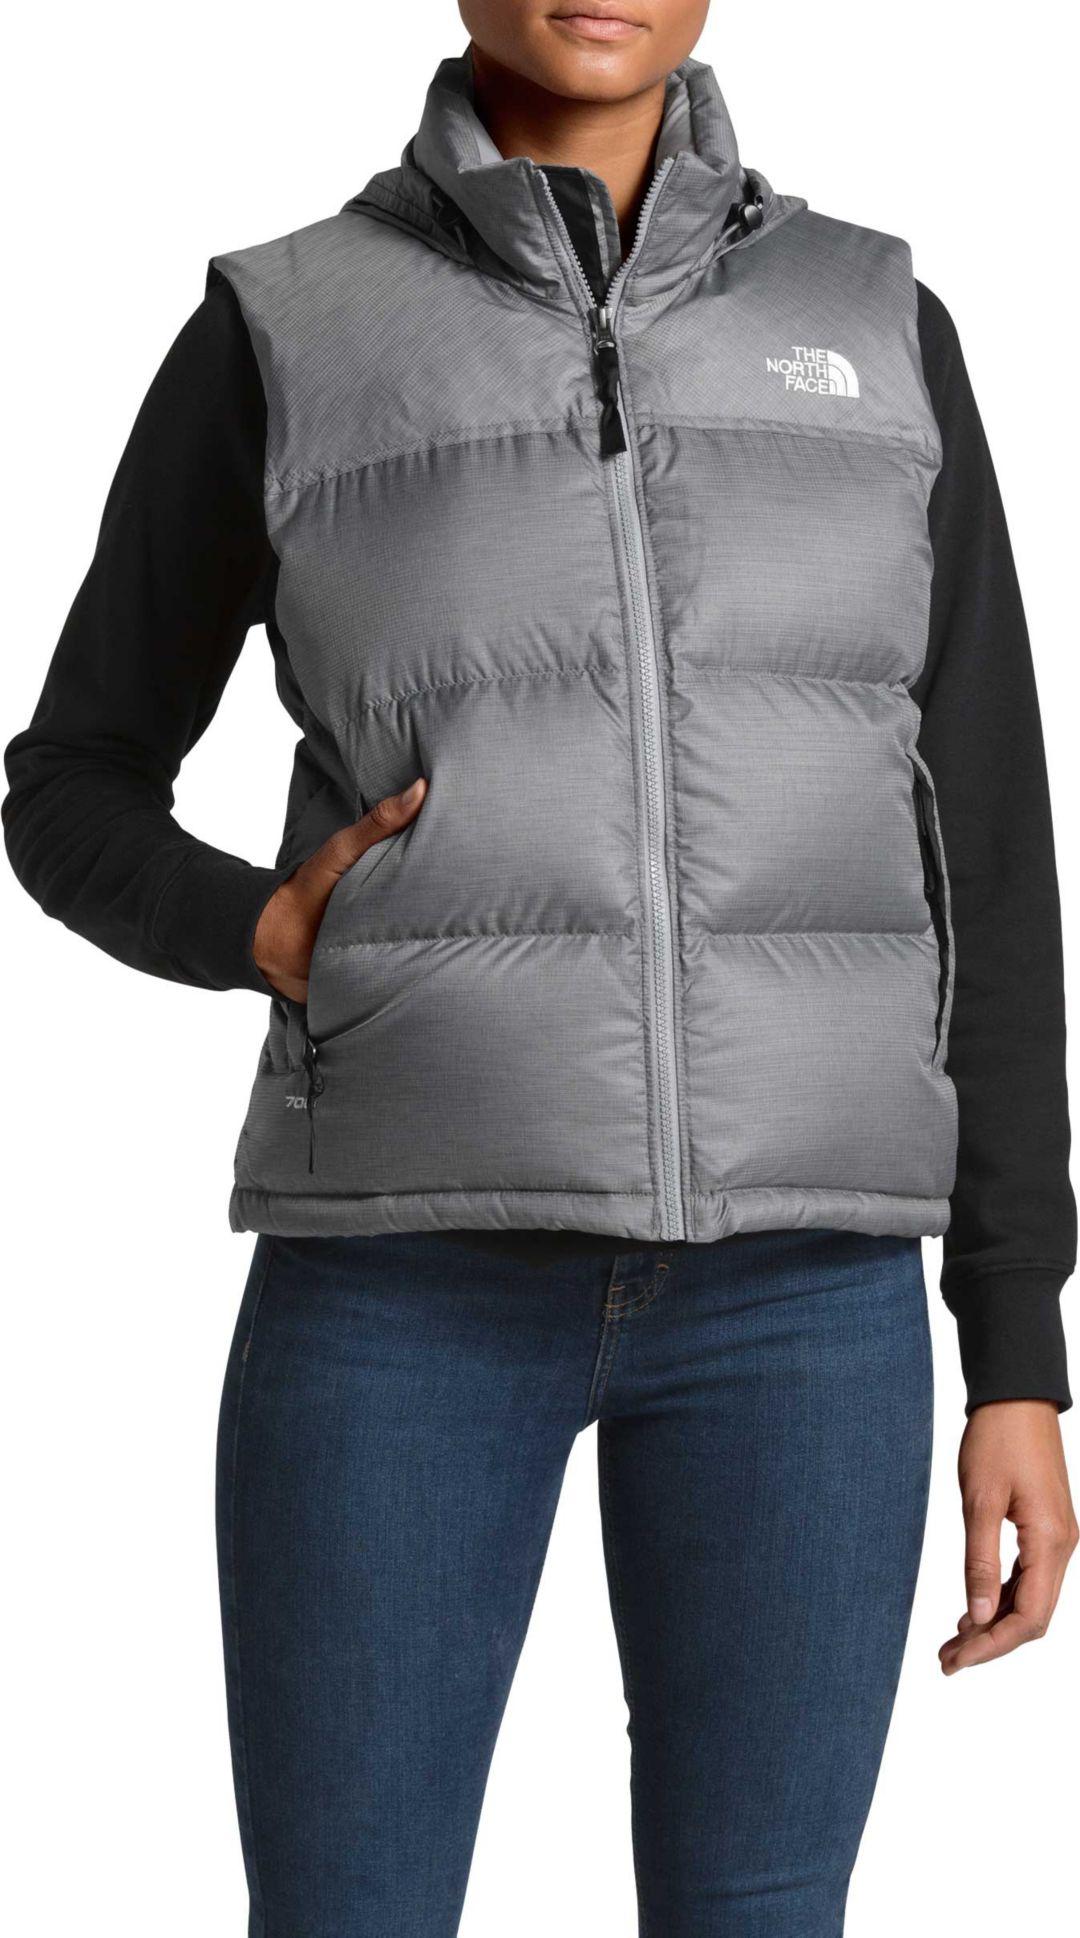 7b6164f35 The North Face Women's 1996 Retro Nuptse Vest